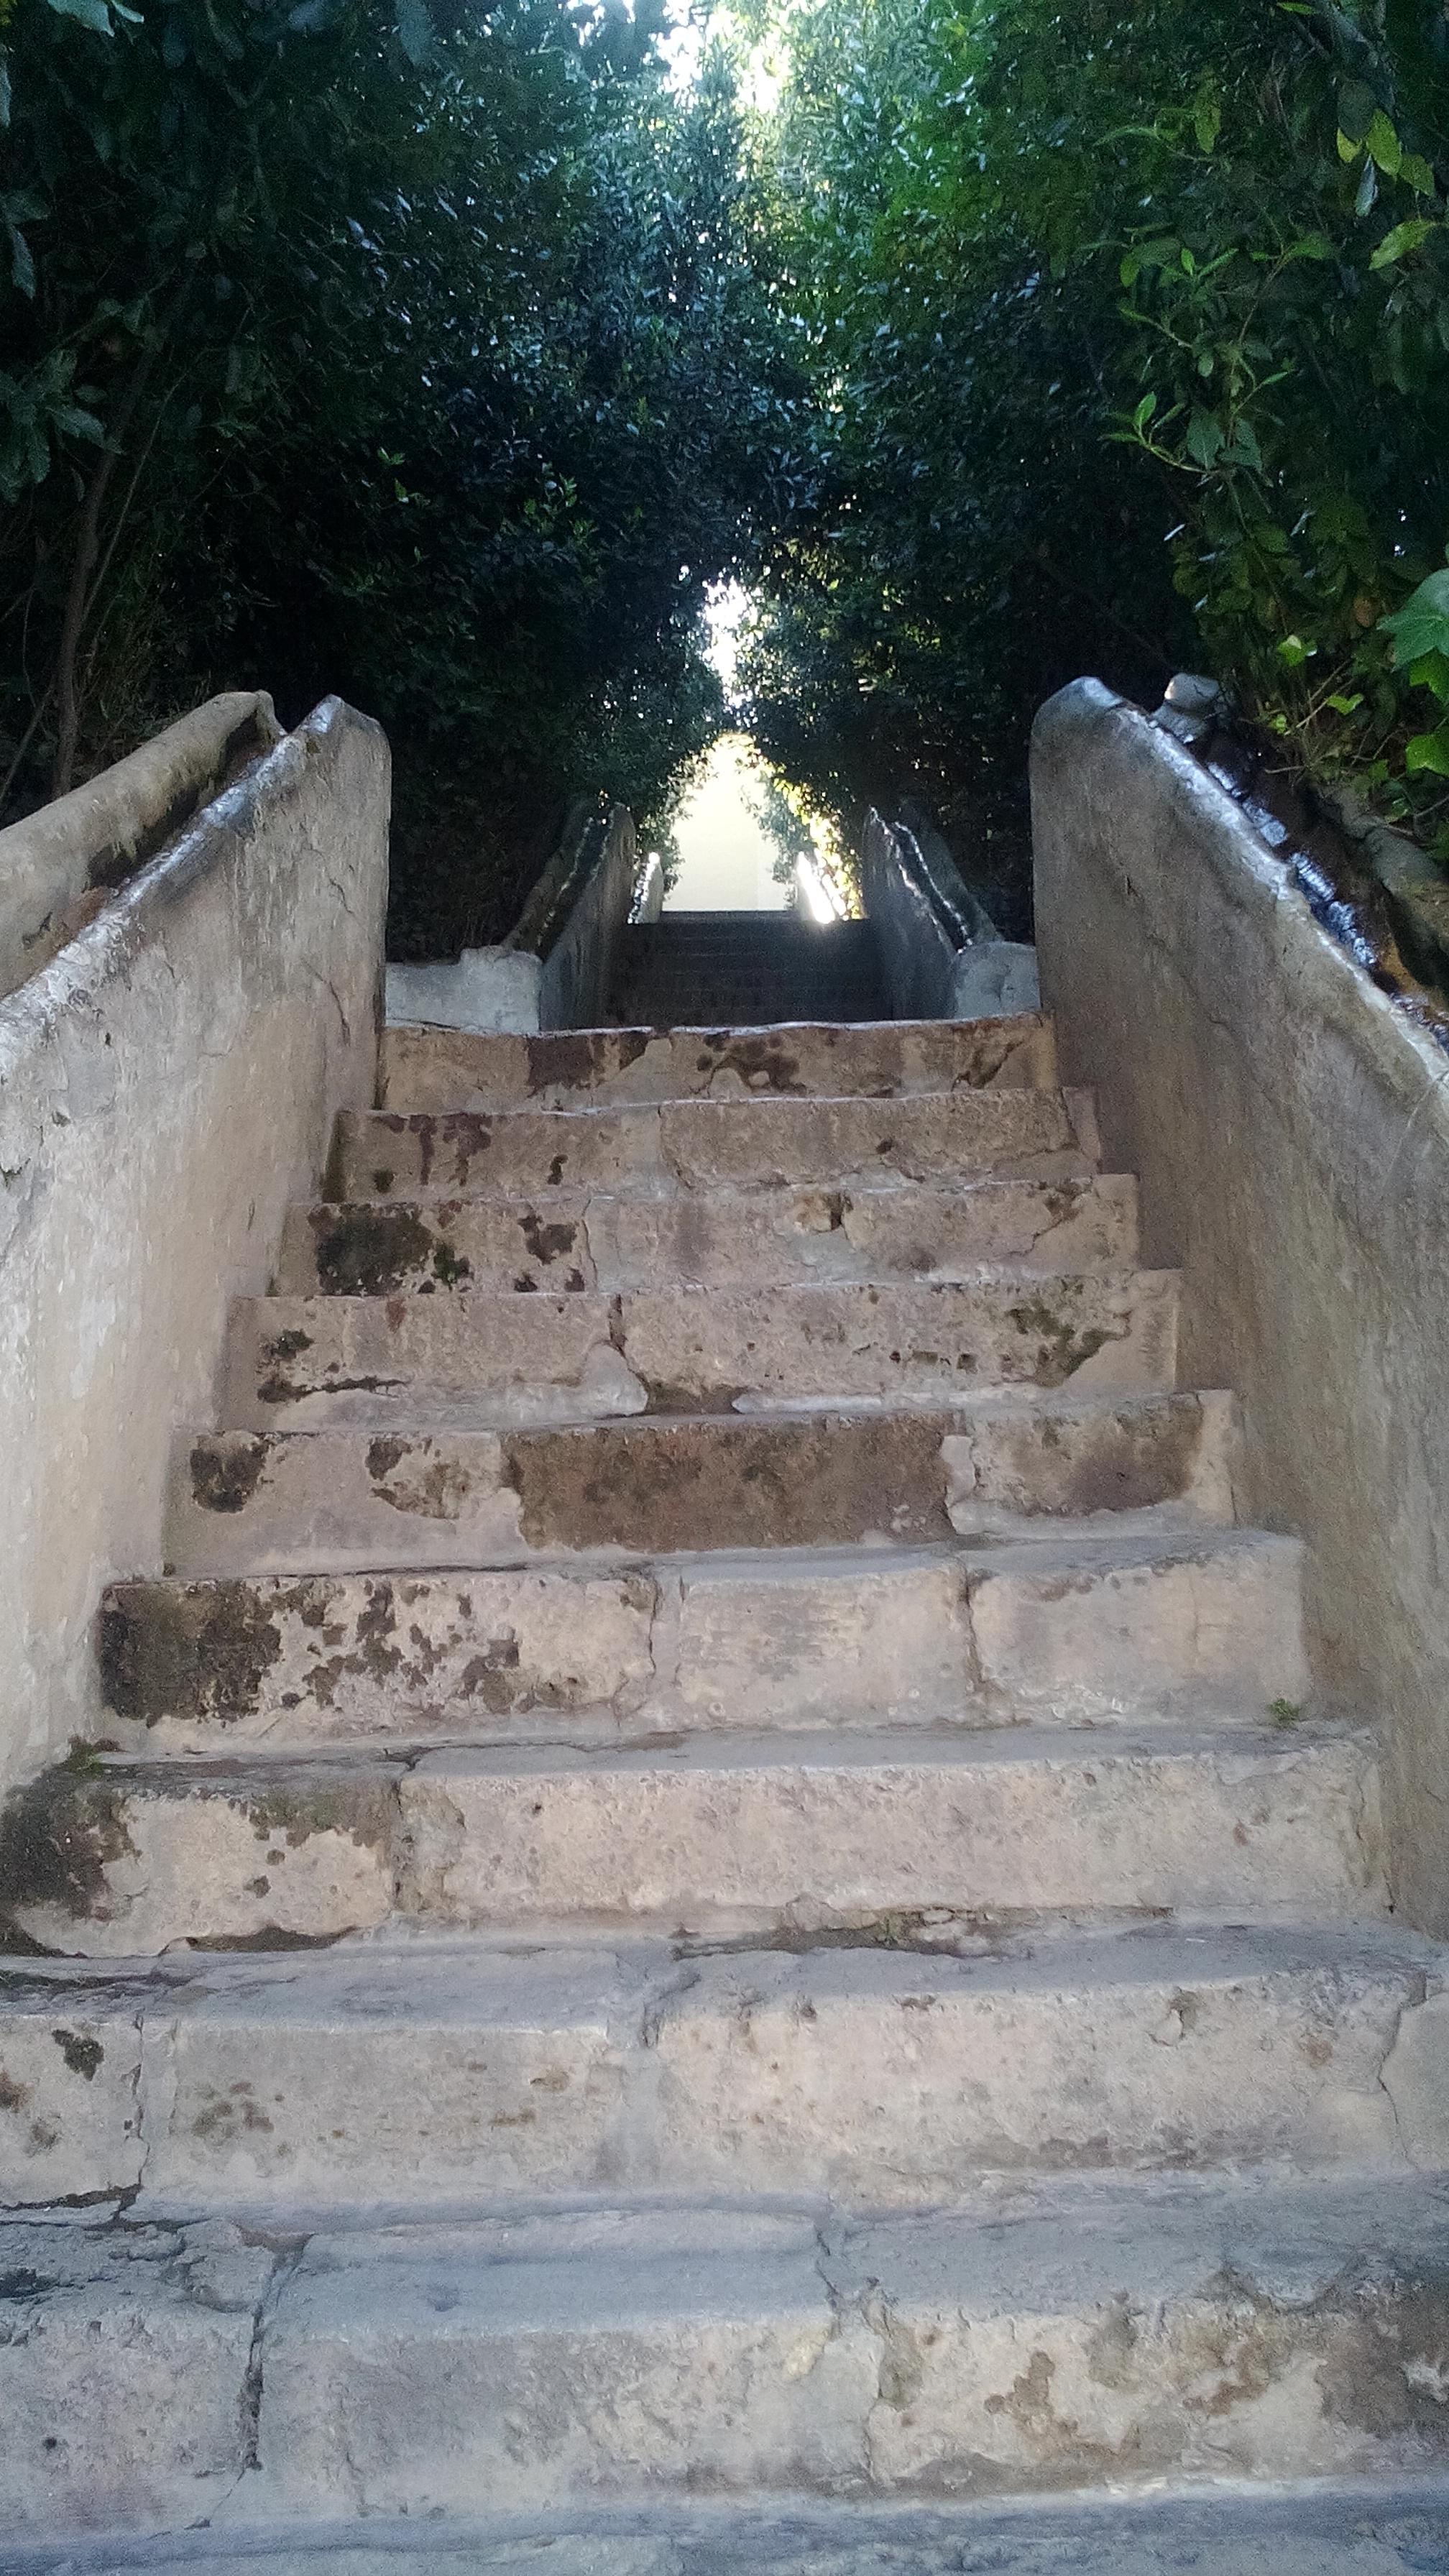 lépcső, aminek a korlátjában víz folyt